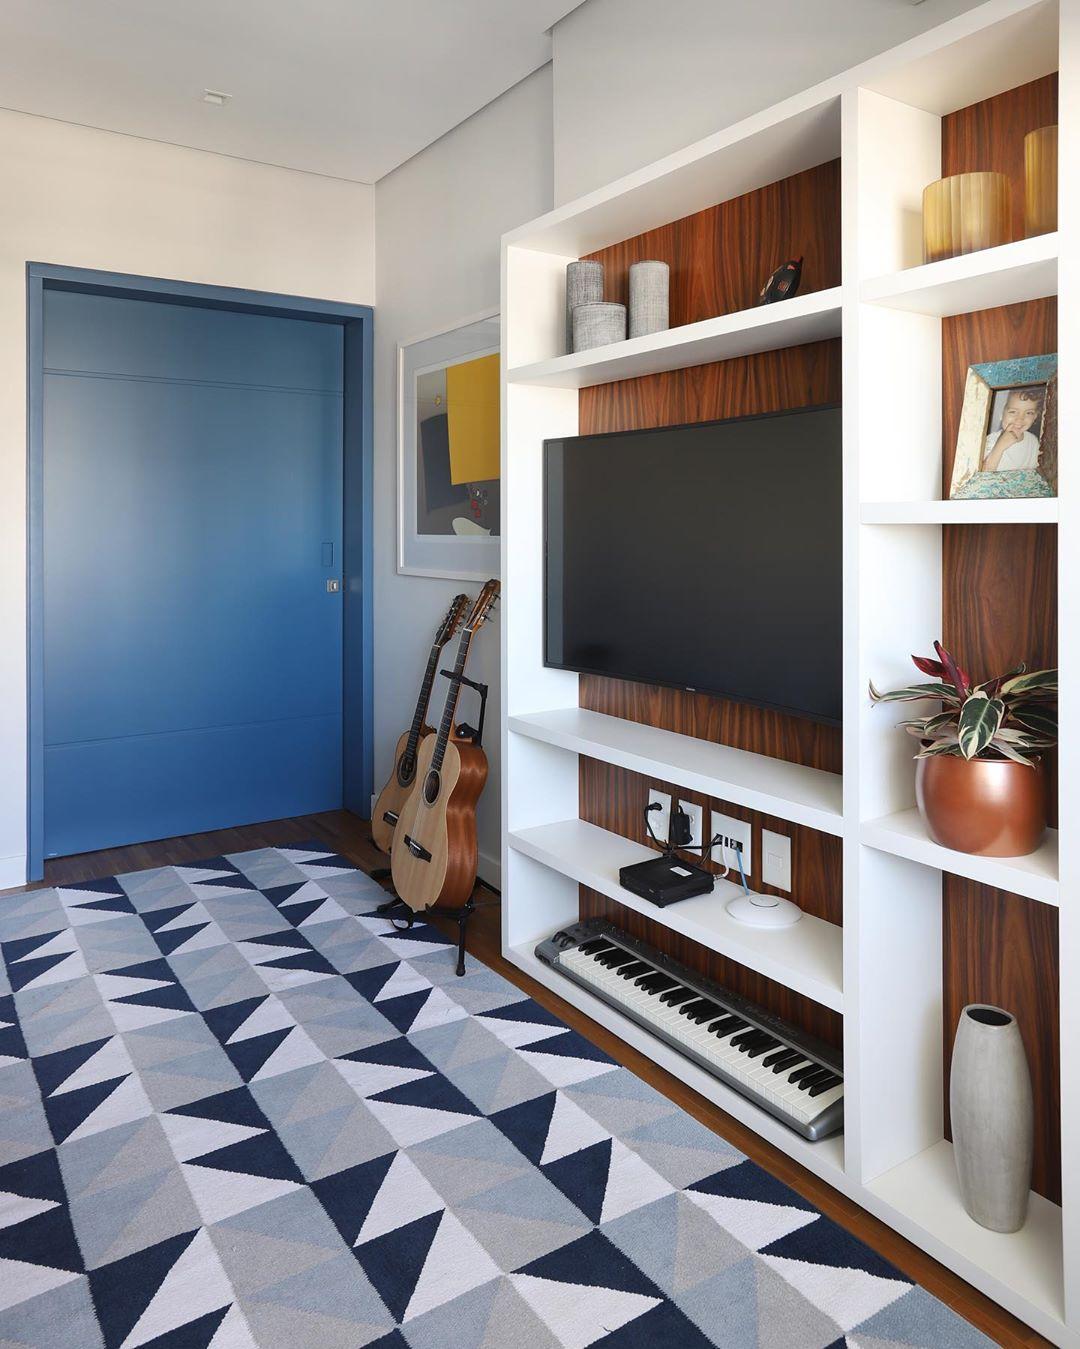 porta-colorida-azul